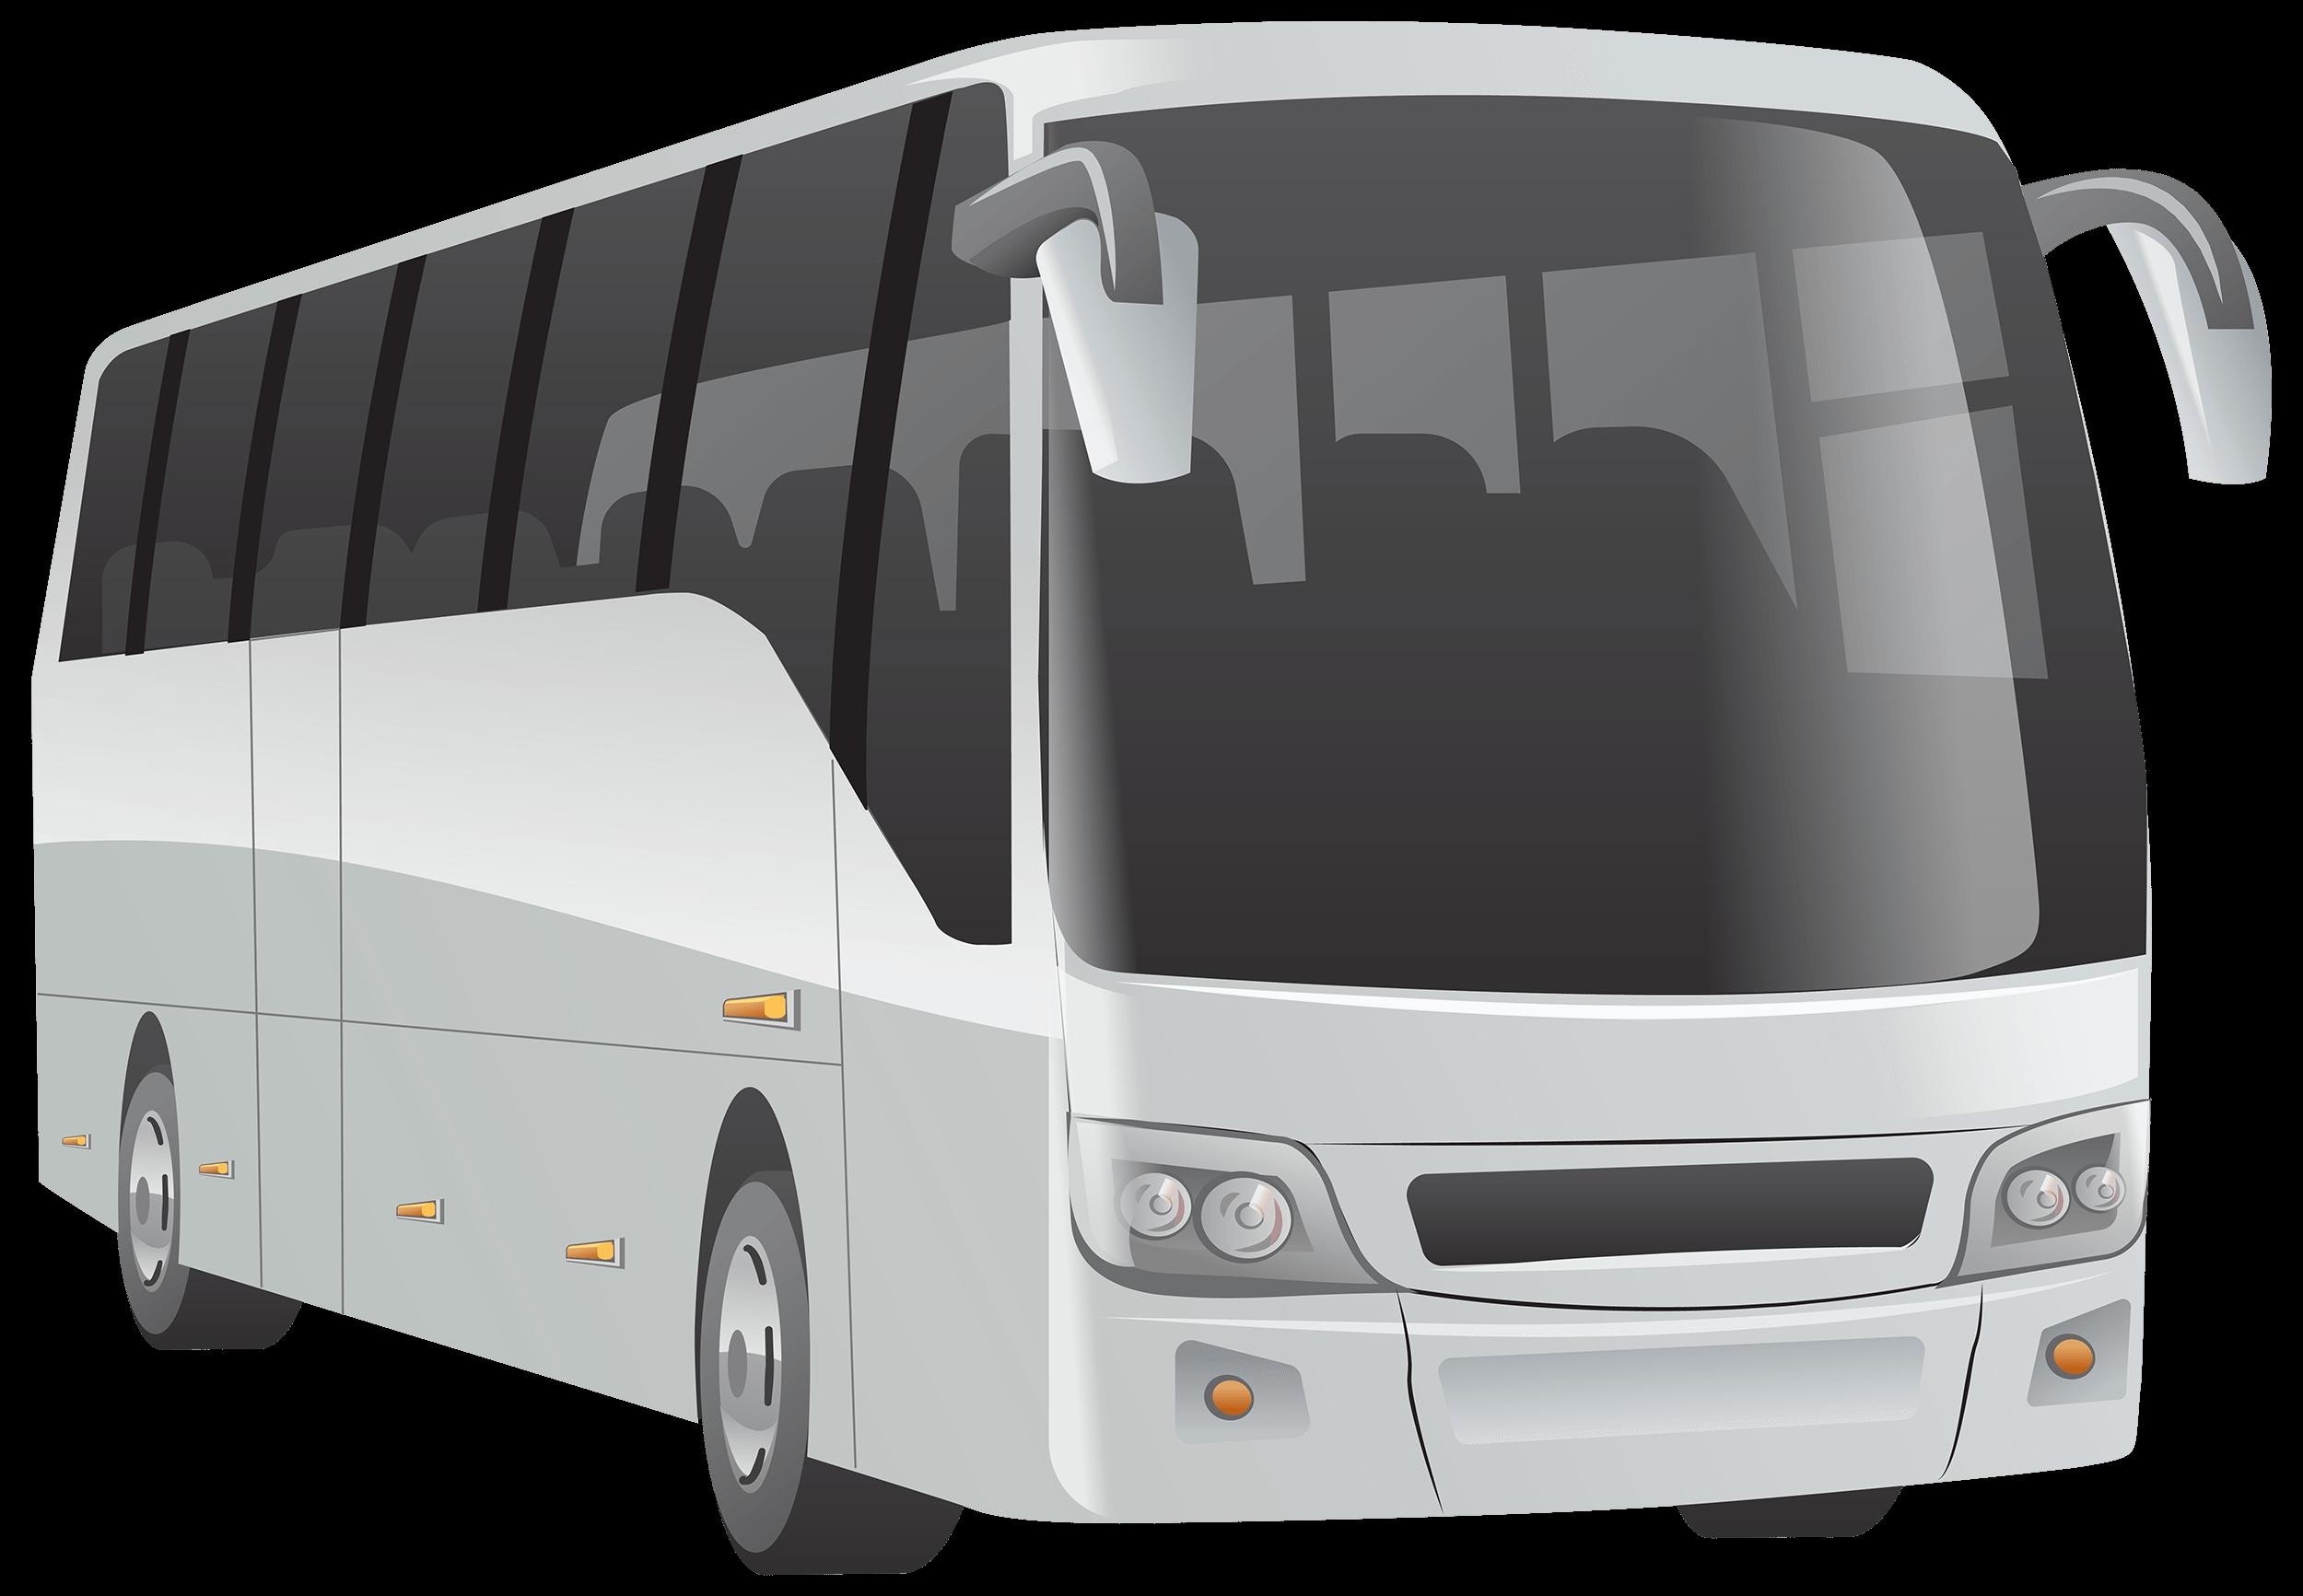 Bus Illustration Transparent Png Stickpng